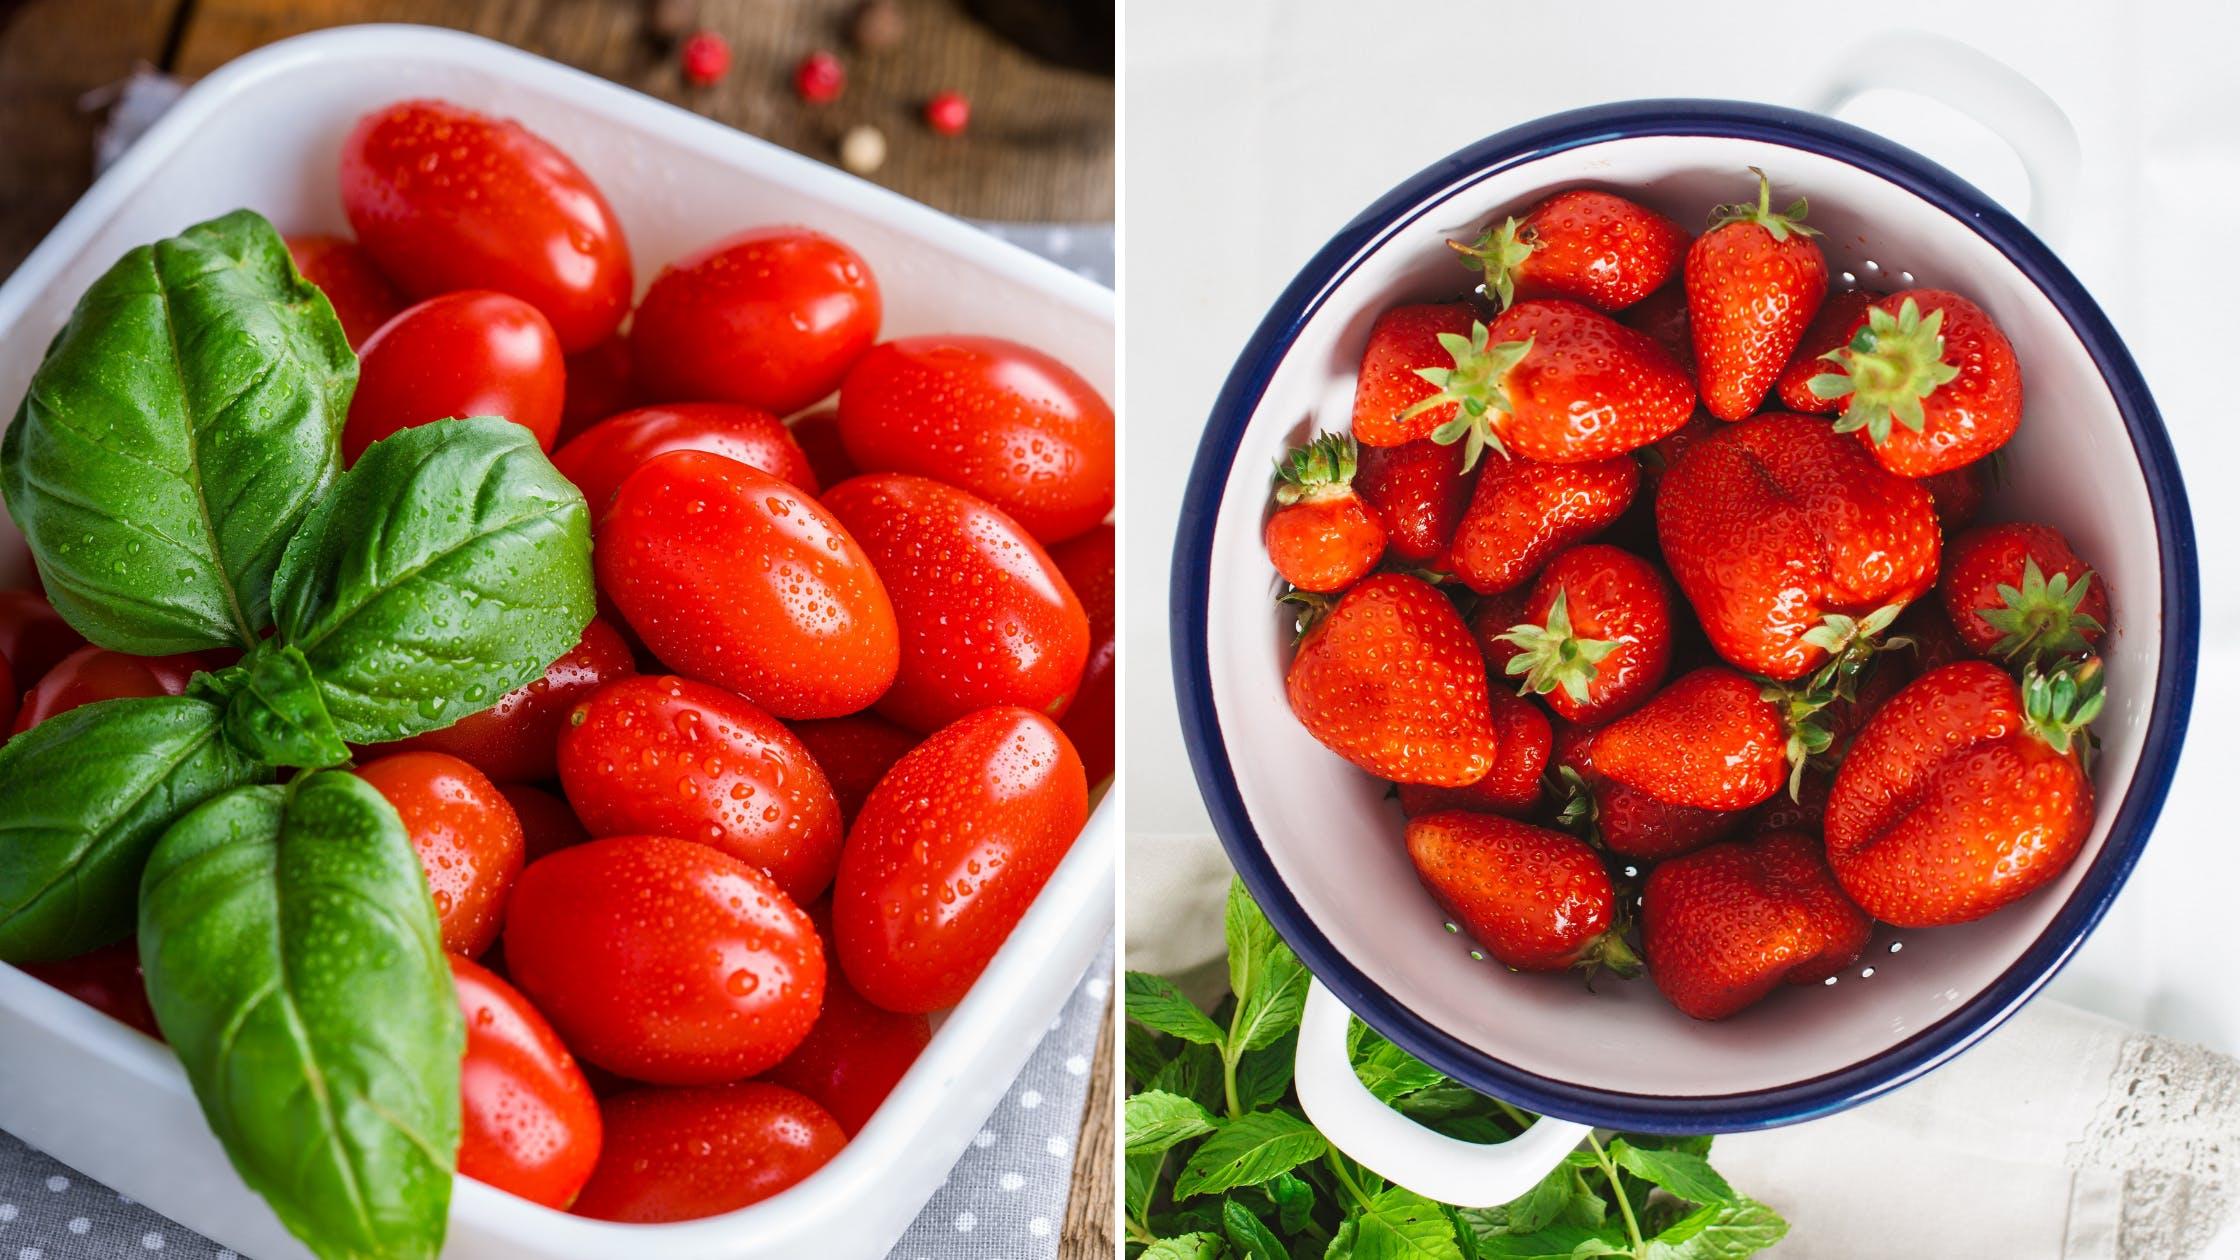 geheimen culinaire fotografie, food photographie, voedselfotograaf